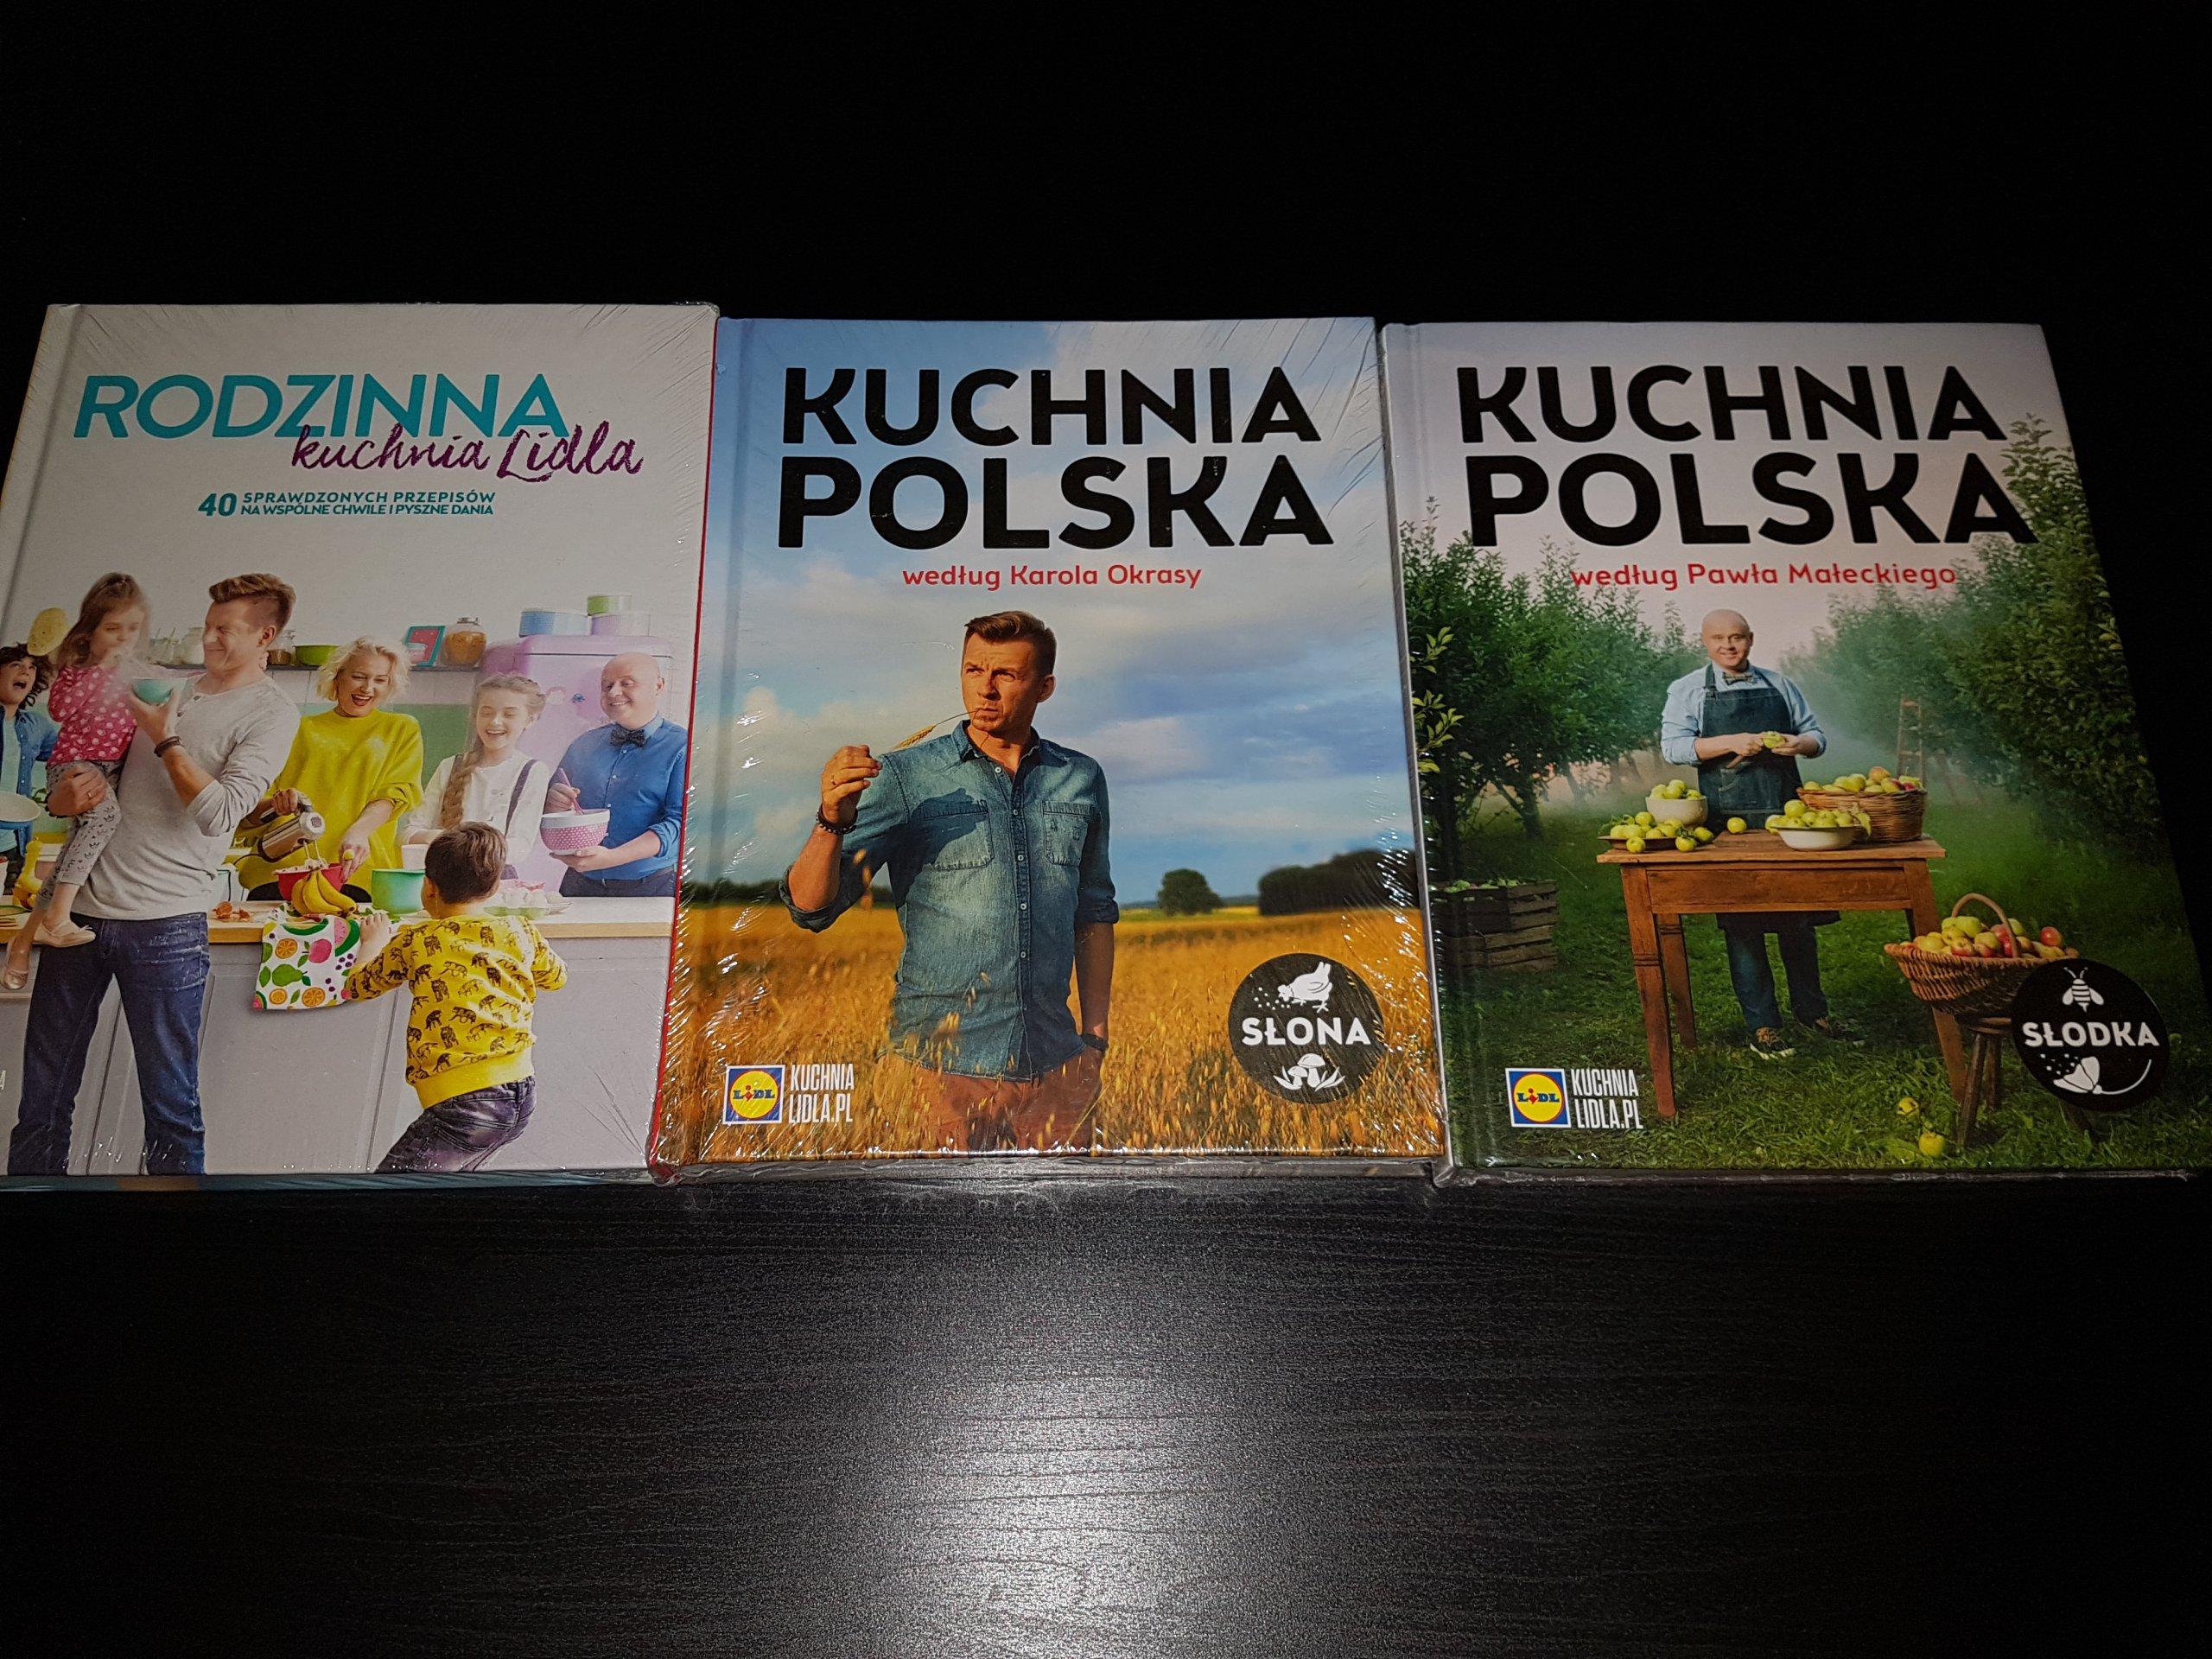 Książki Lidl Zestaw Nowe Kuchnia Słona I Słodka